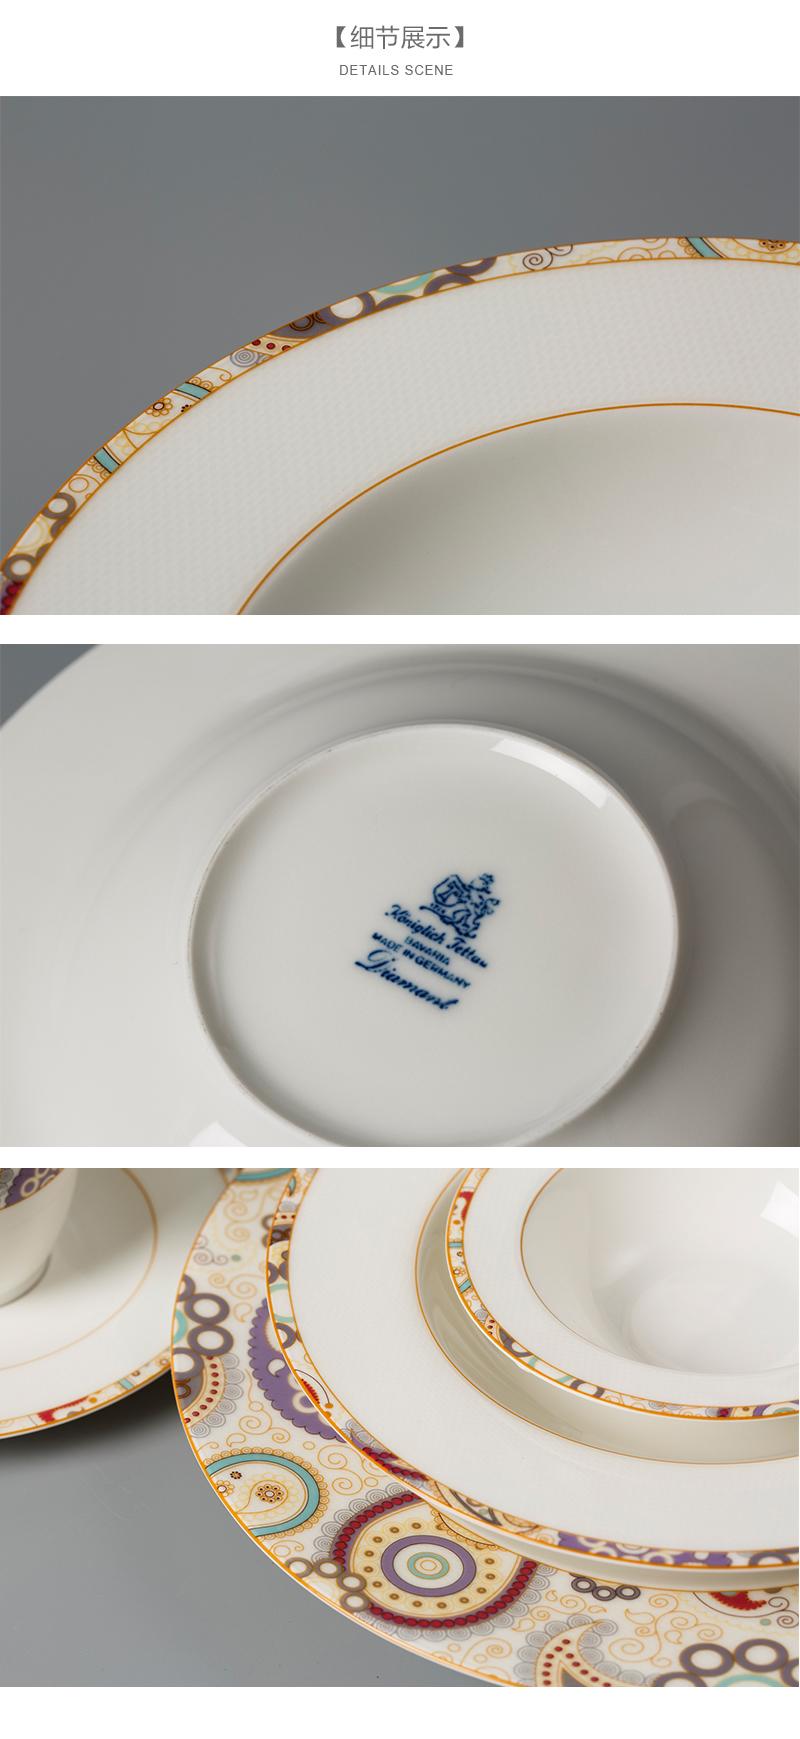 Seltmann Weiden佩斯利图案餐盘细节展示